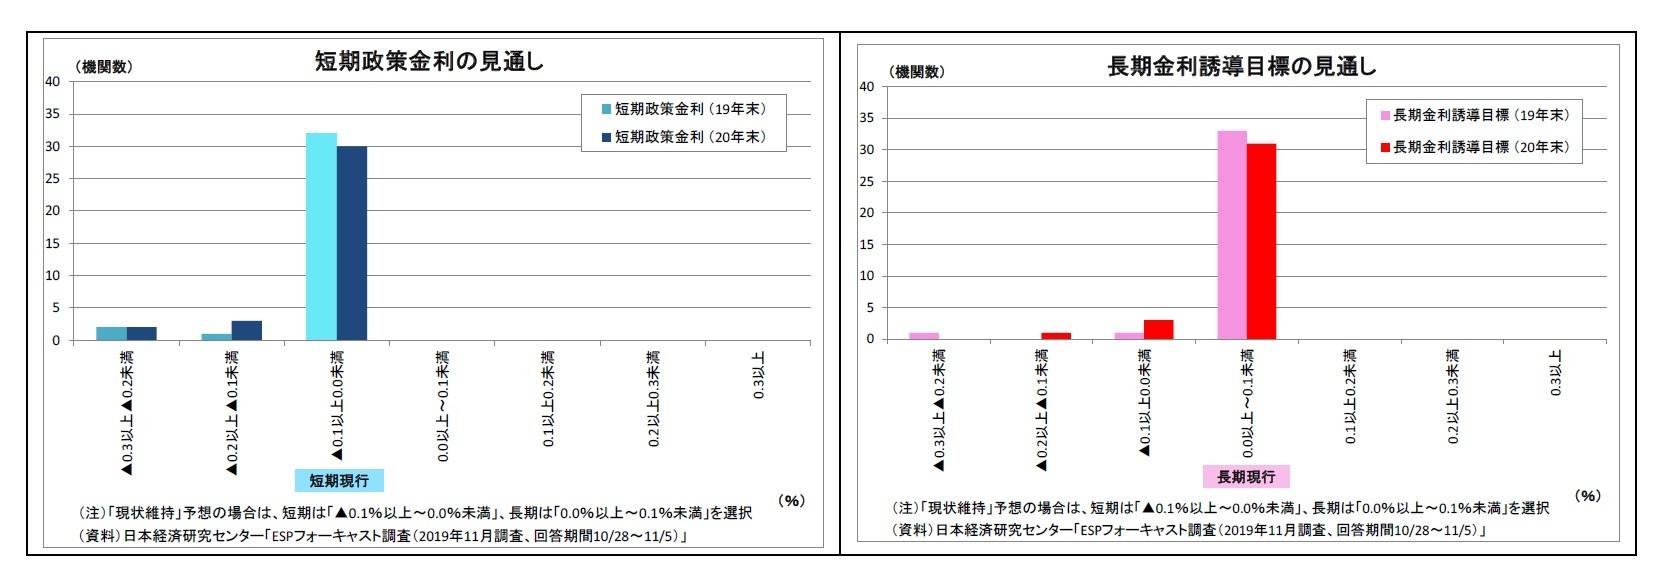 短期政策金利の見通し/長期金利誘導目標の見通し  長